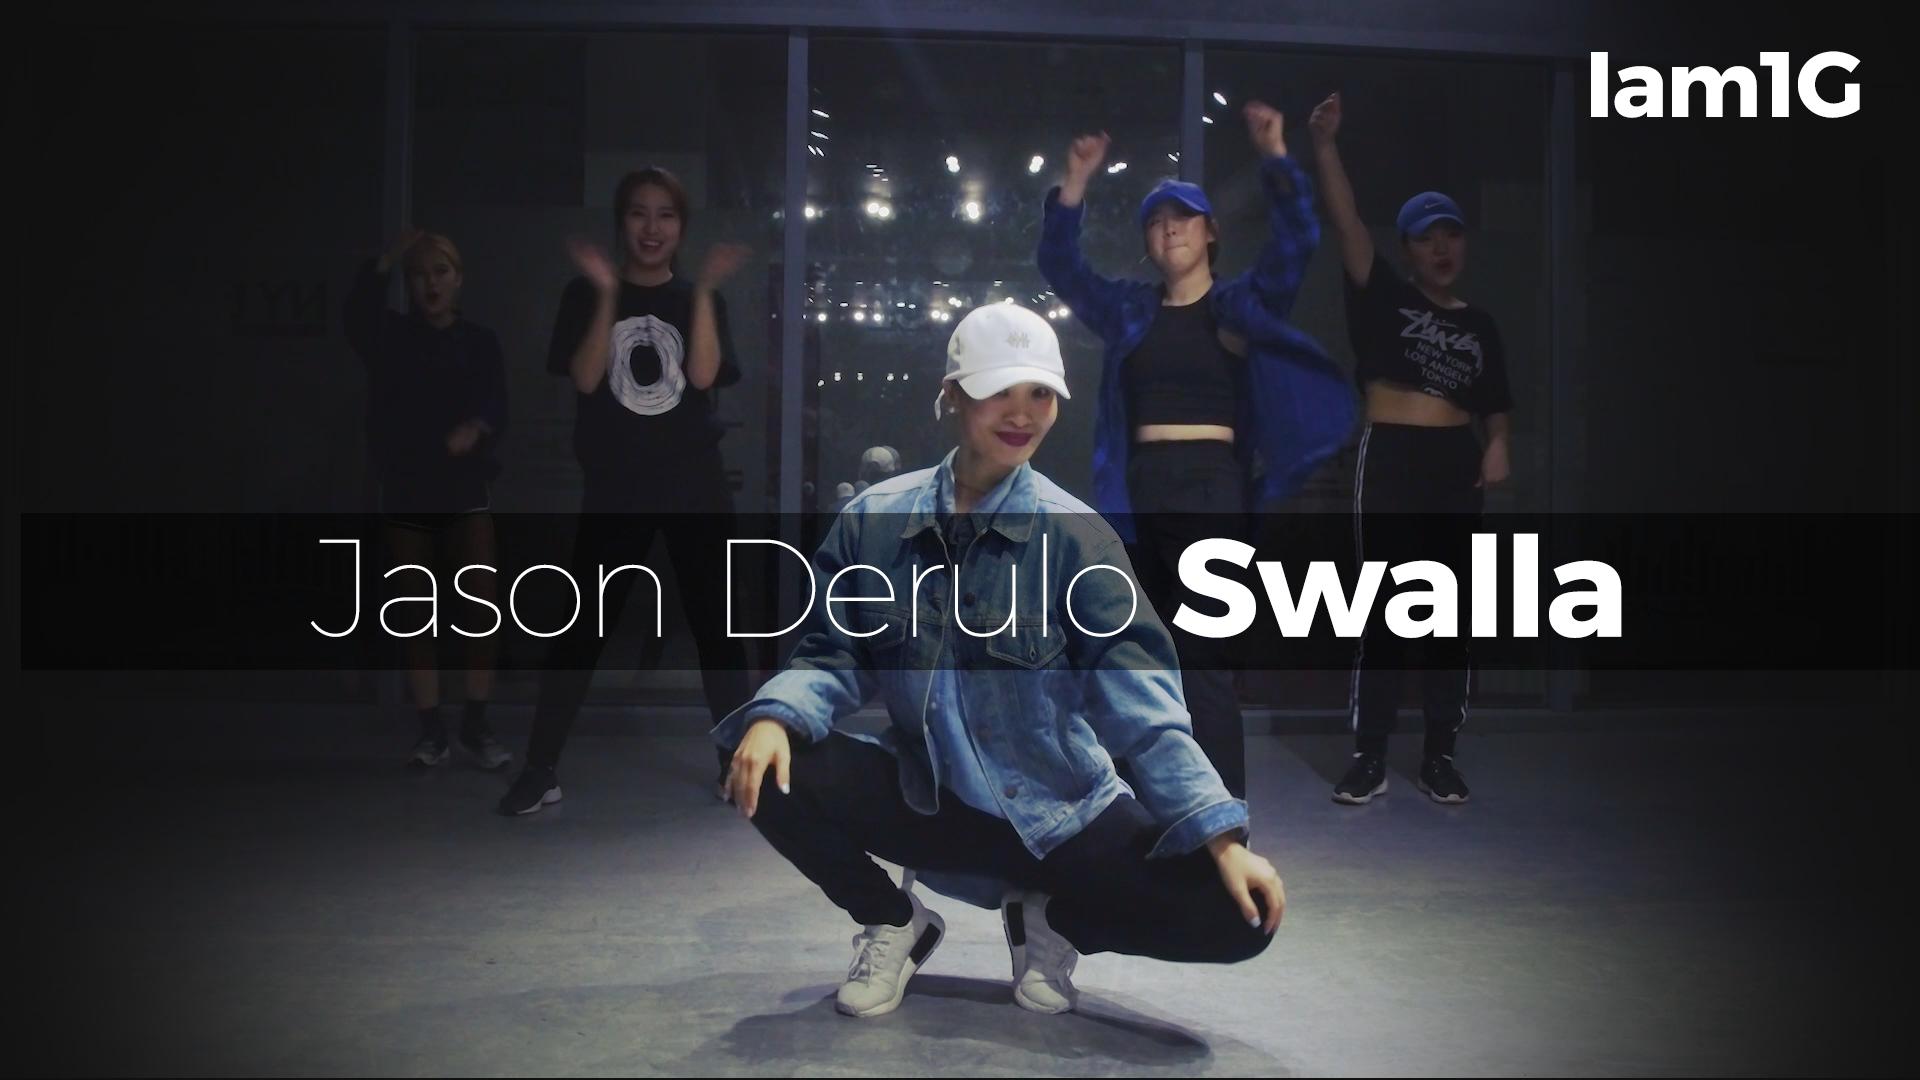 Jason Derulo – Swalla (choreography_Iam1G)